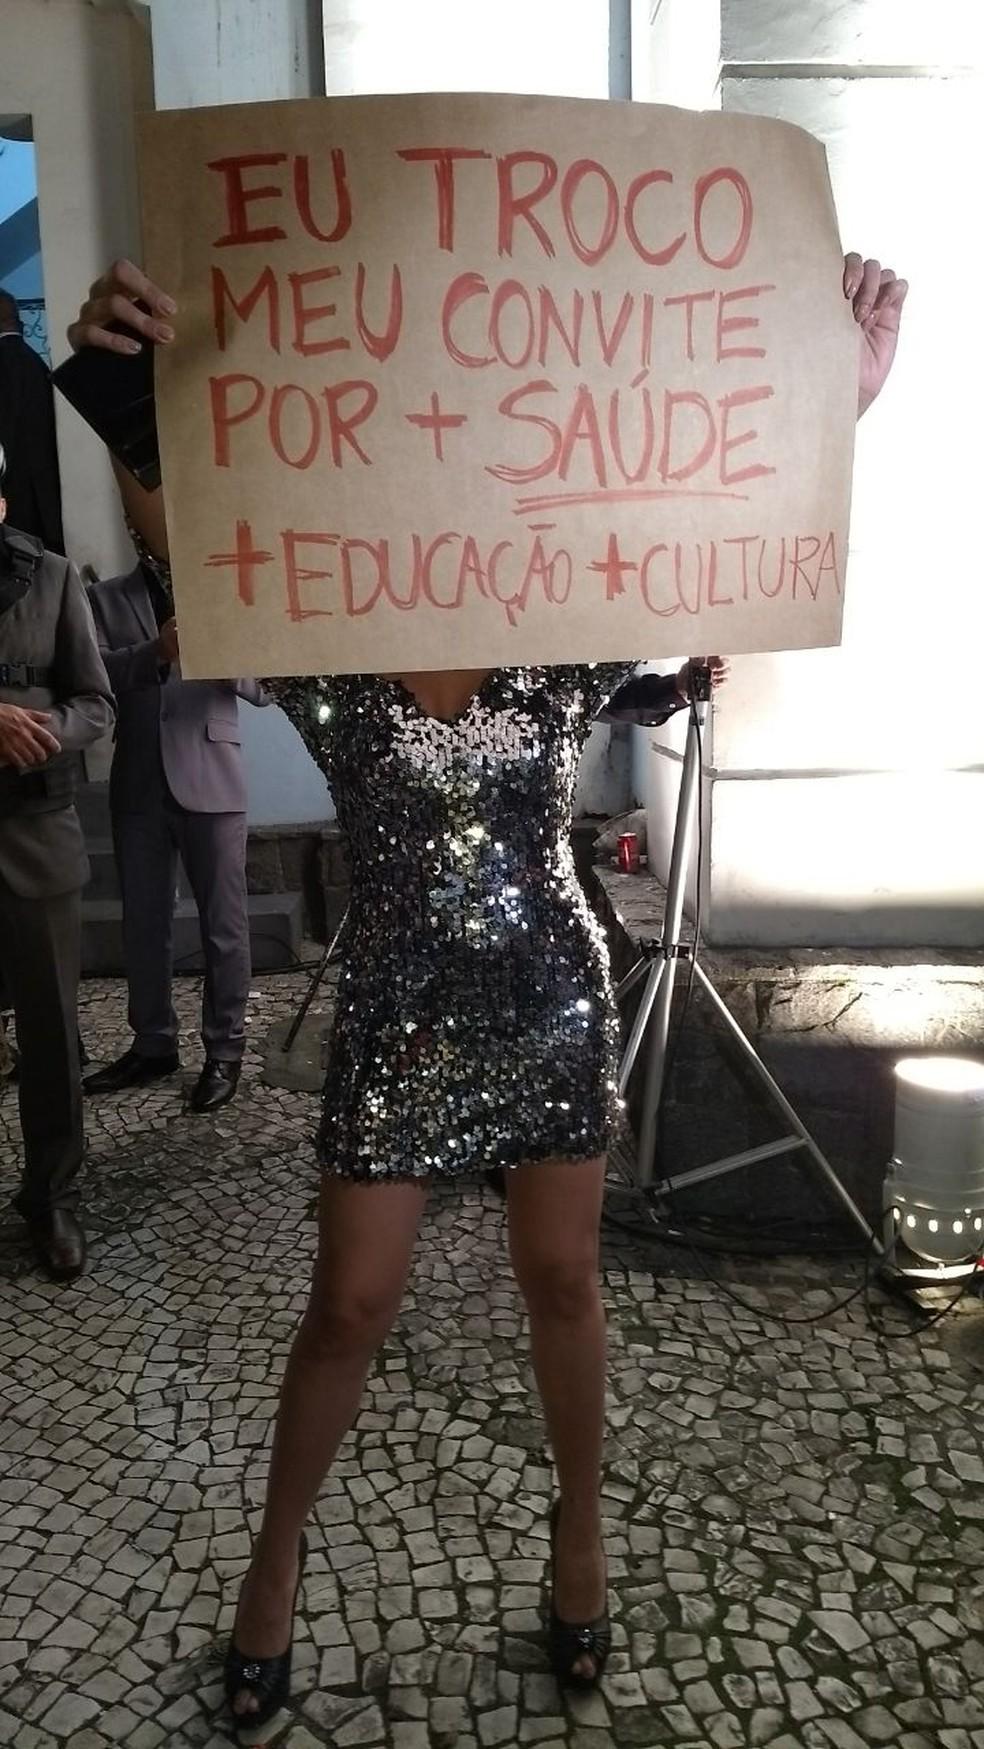 Manifestante pede mais saúde, educação e cultura (Foto: Carolina Wolf/RPC)